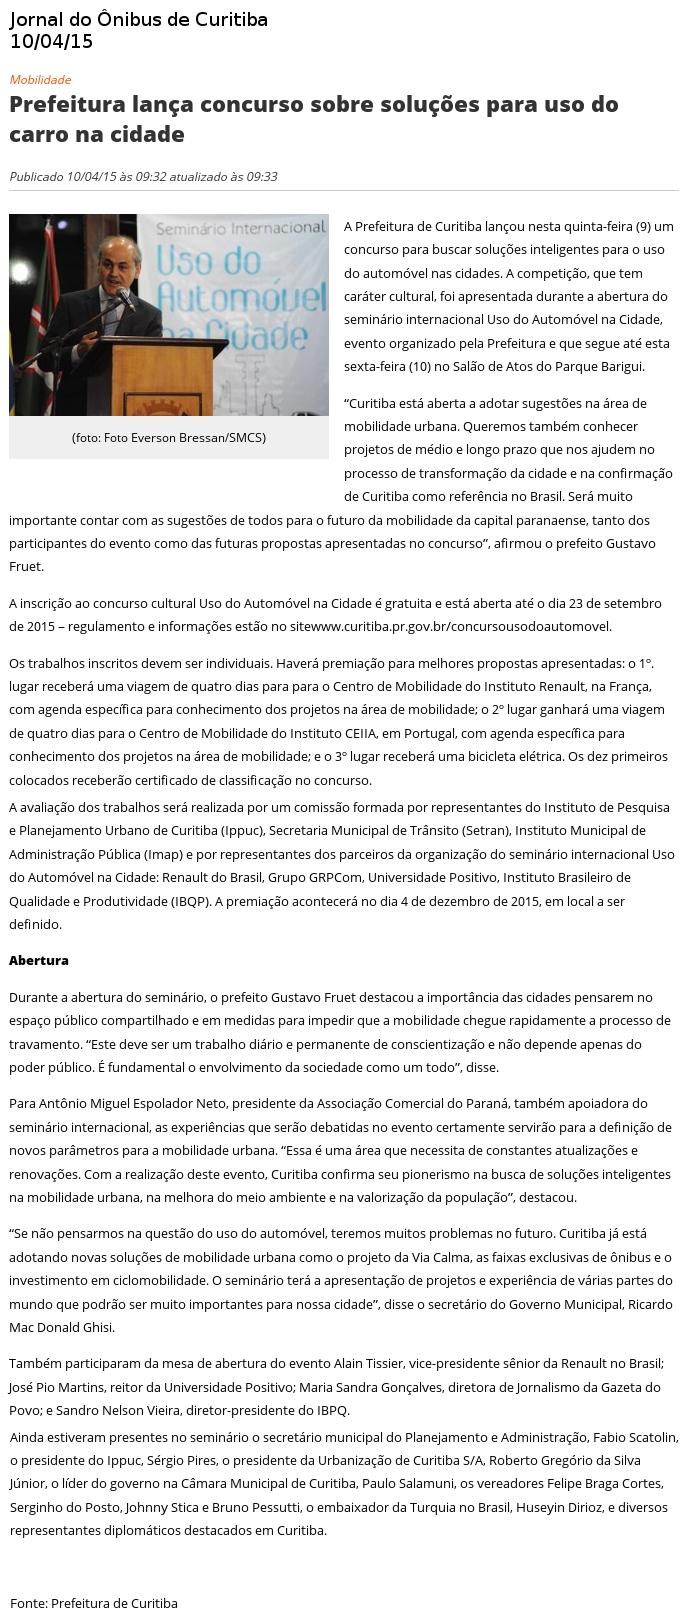 jornal do onibus de curitiba 1004